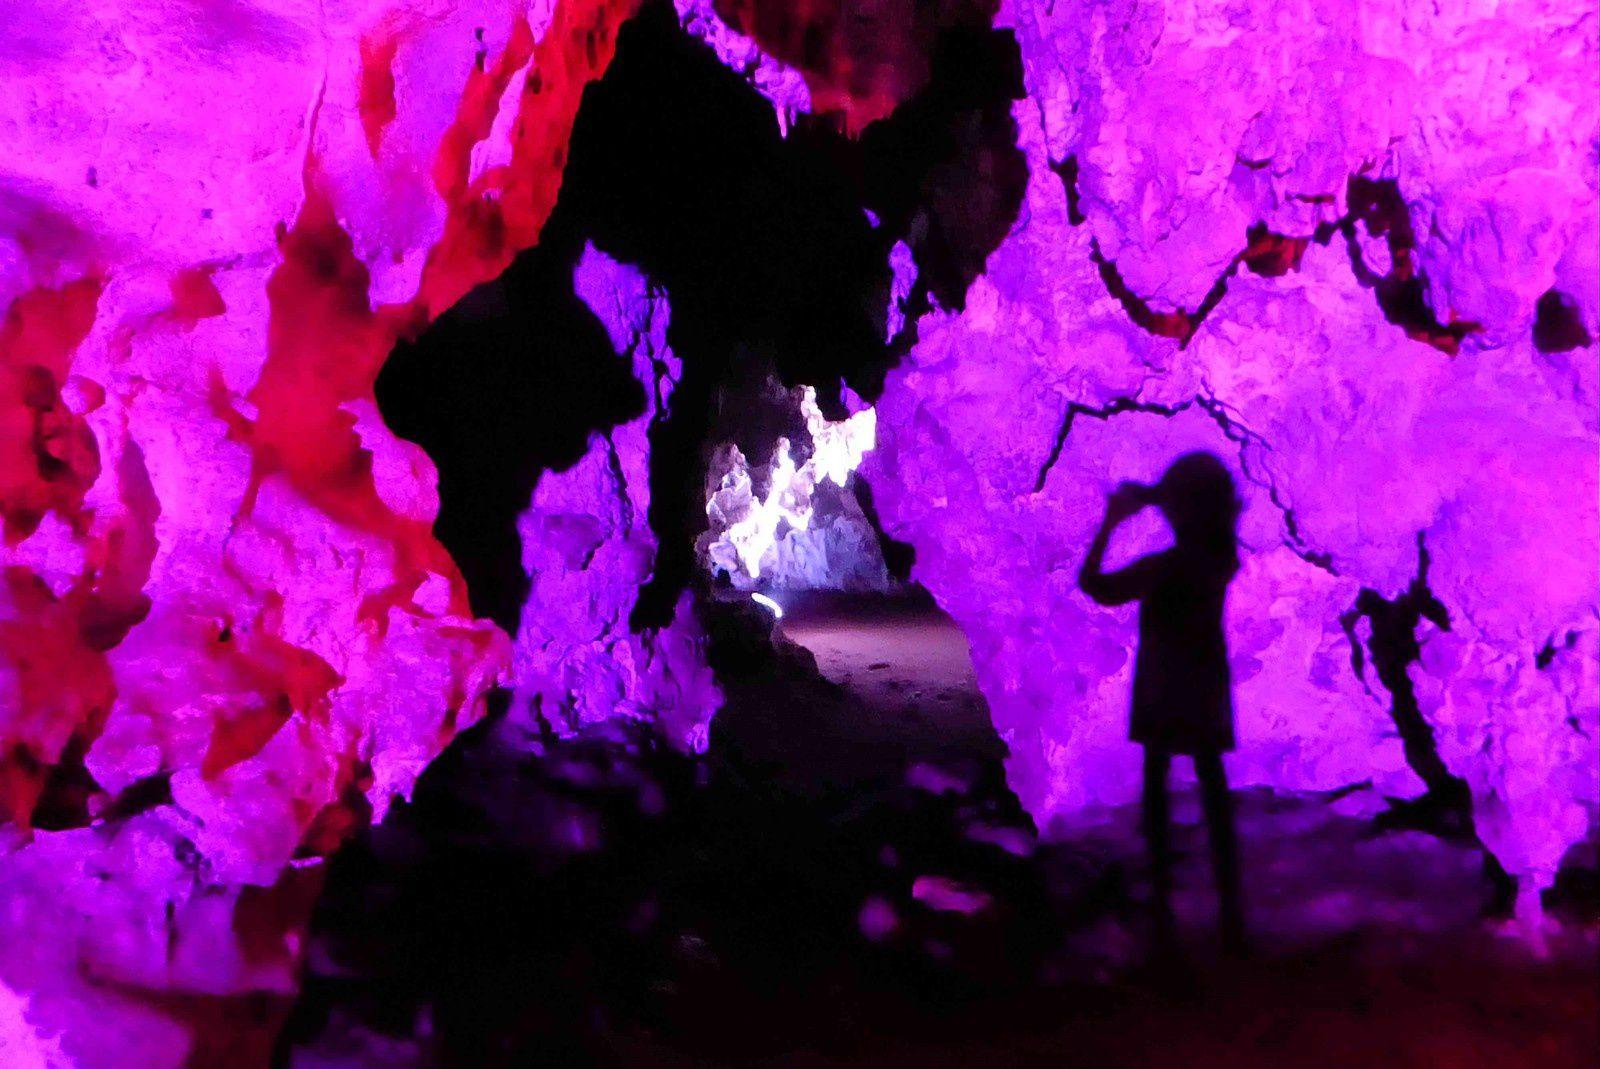 Les éclairages mettent en valeur les grottes de Loltùn